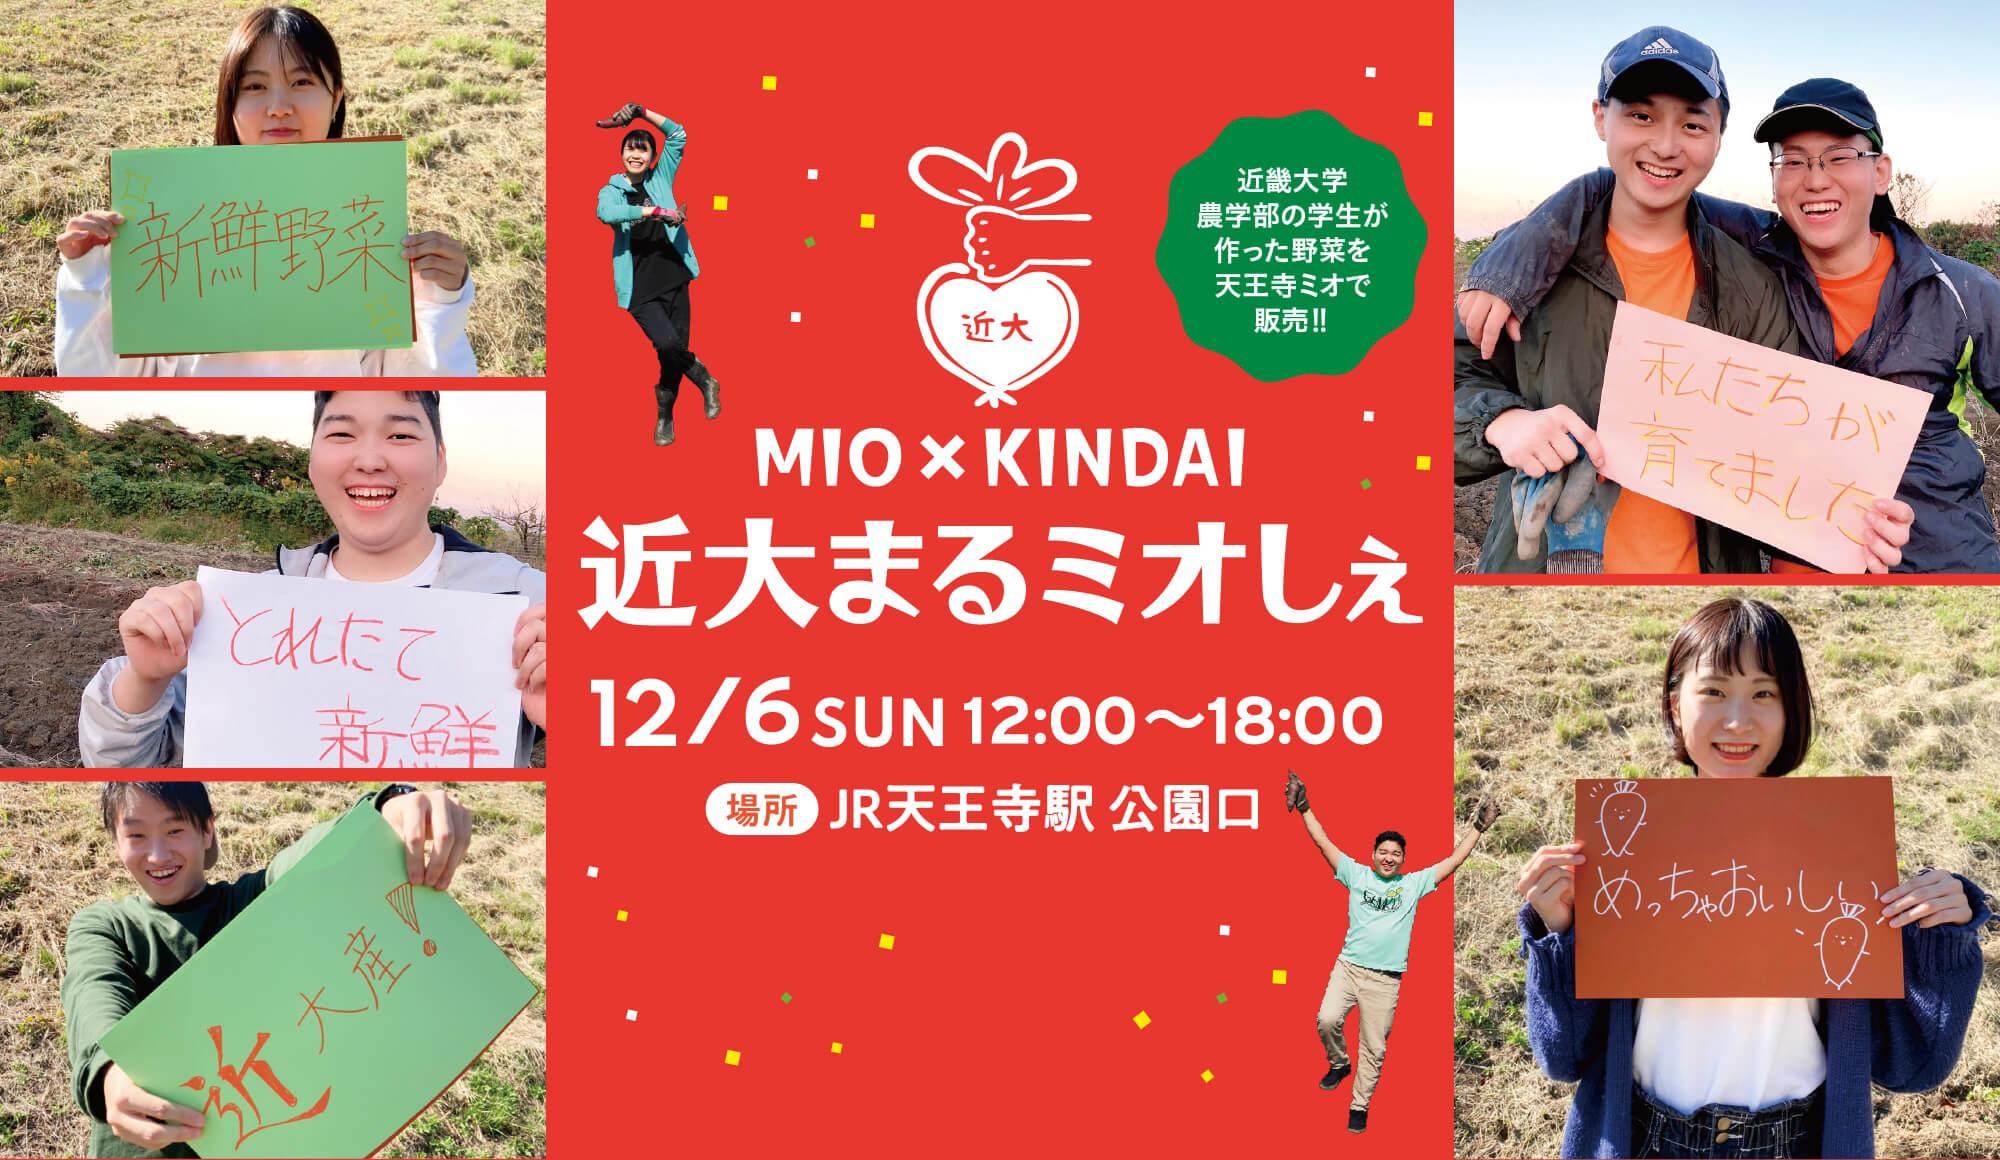 MIO×KINDAI近大まるミオしぇ7/13SAT 12:00~18:00